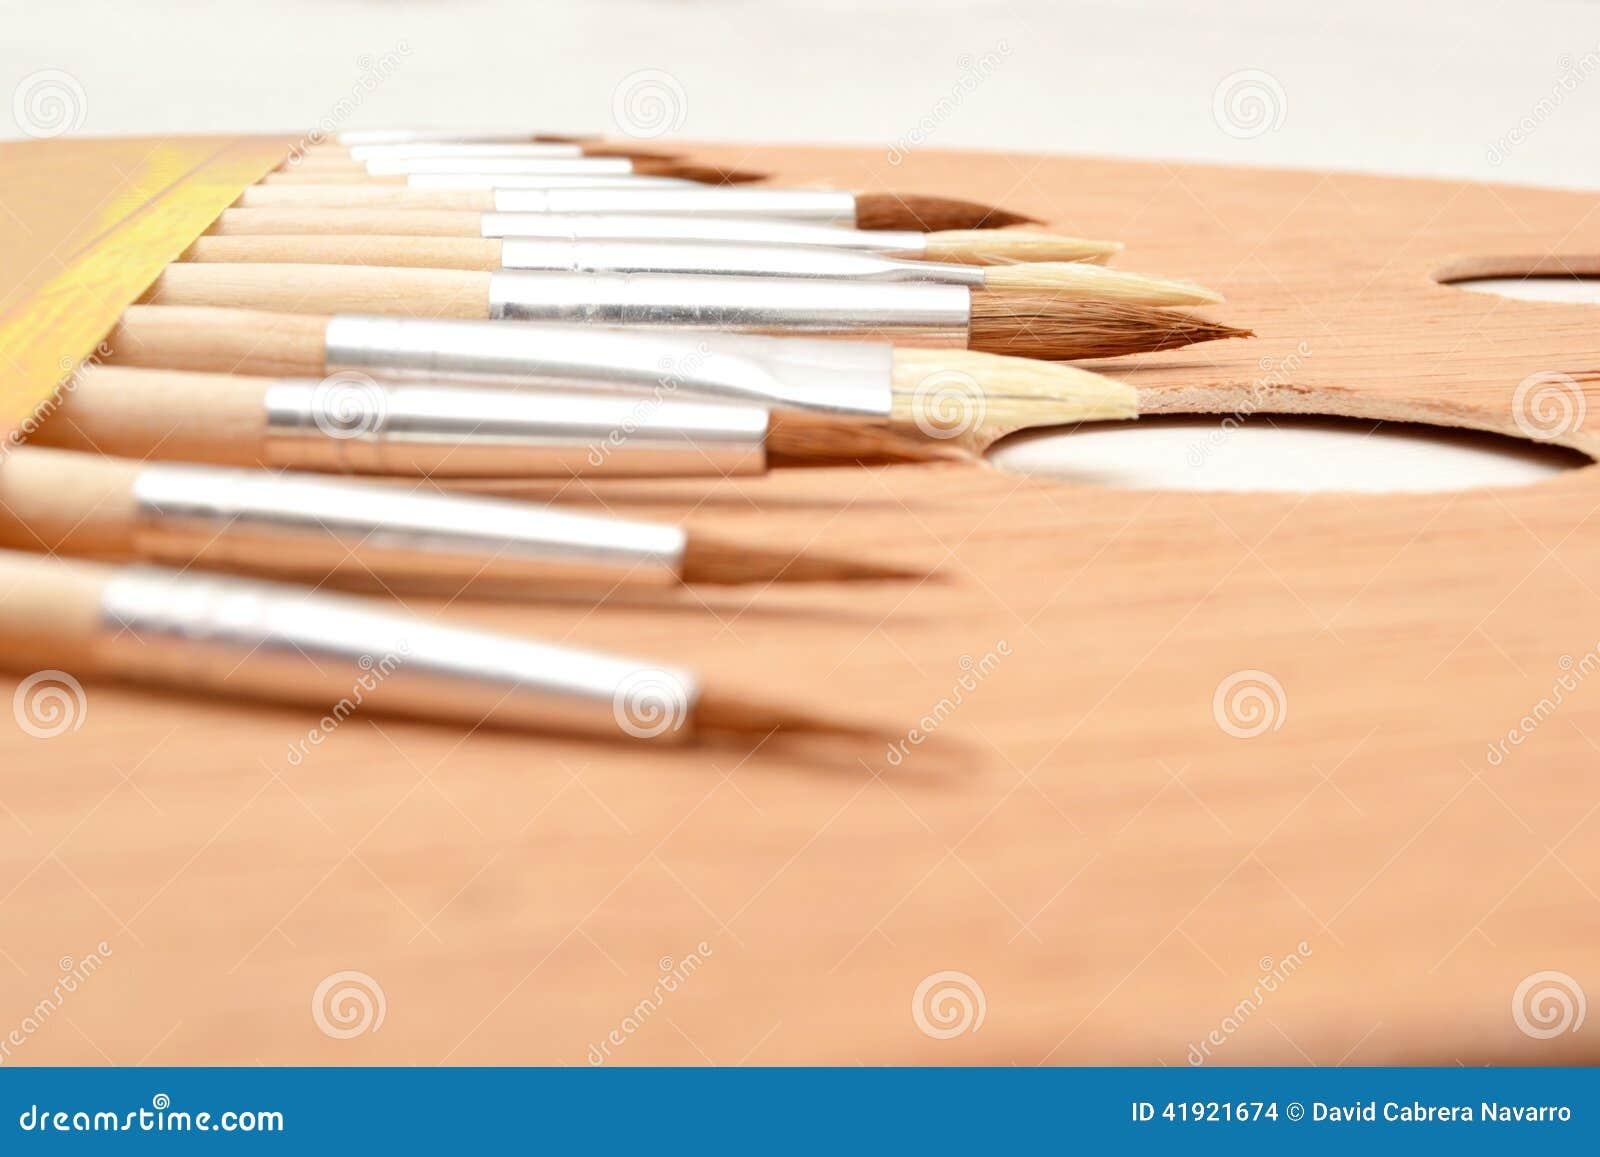 Gama de colores y cepillos